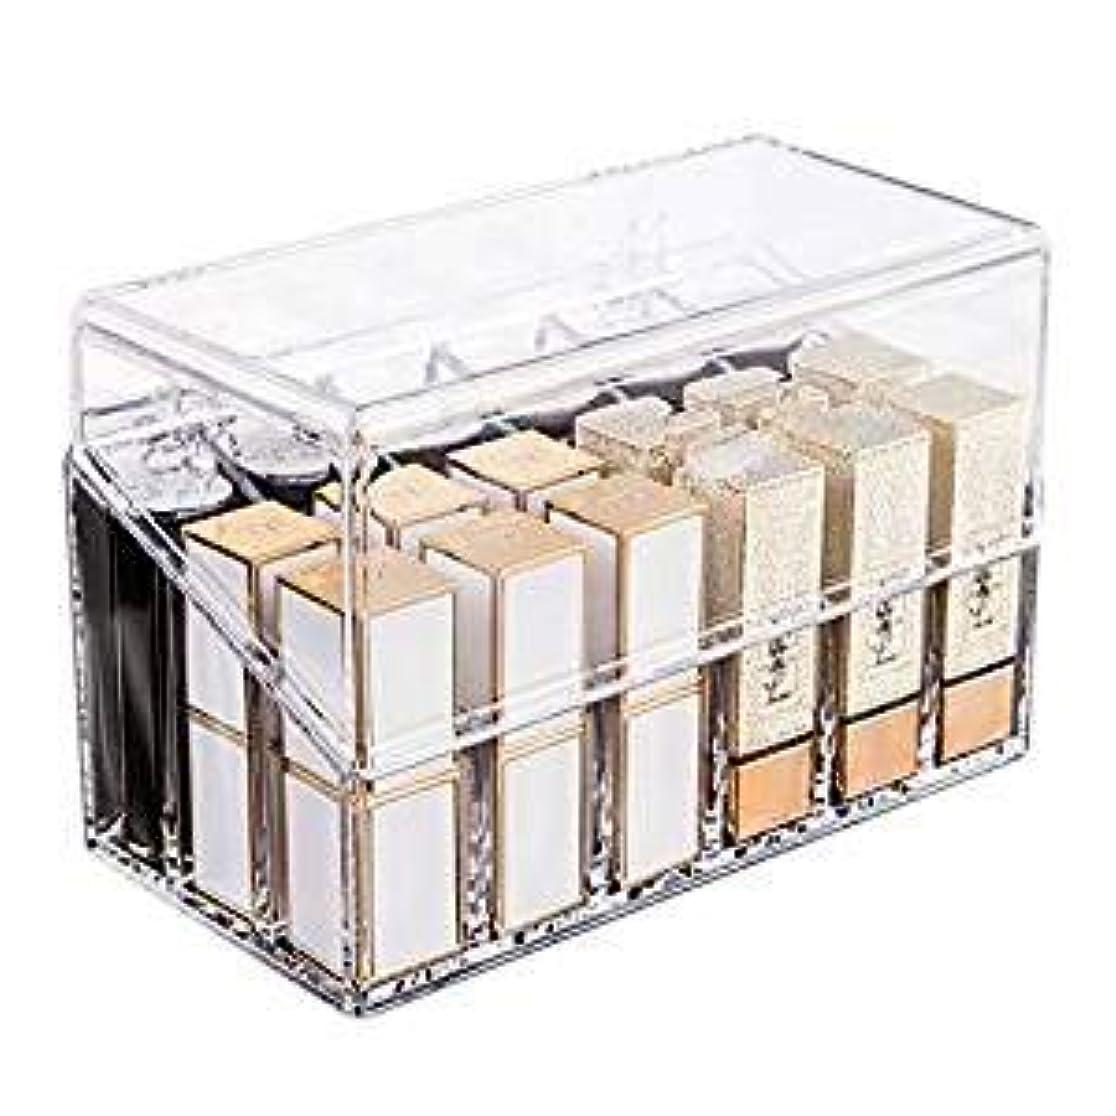 立証するシェード不適当口紅収納ボックス 18本 アクリル リップスティック収納ケース コスメ小物用品 化粧品収納ケース 透明